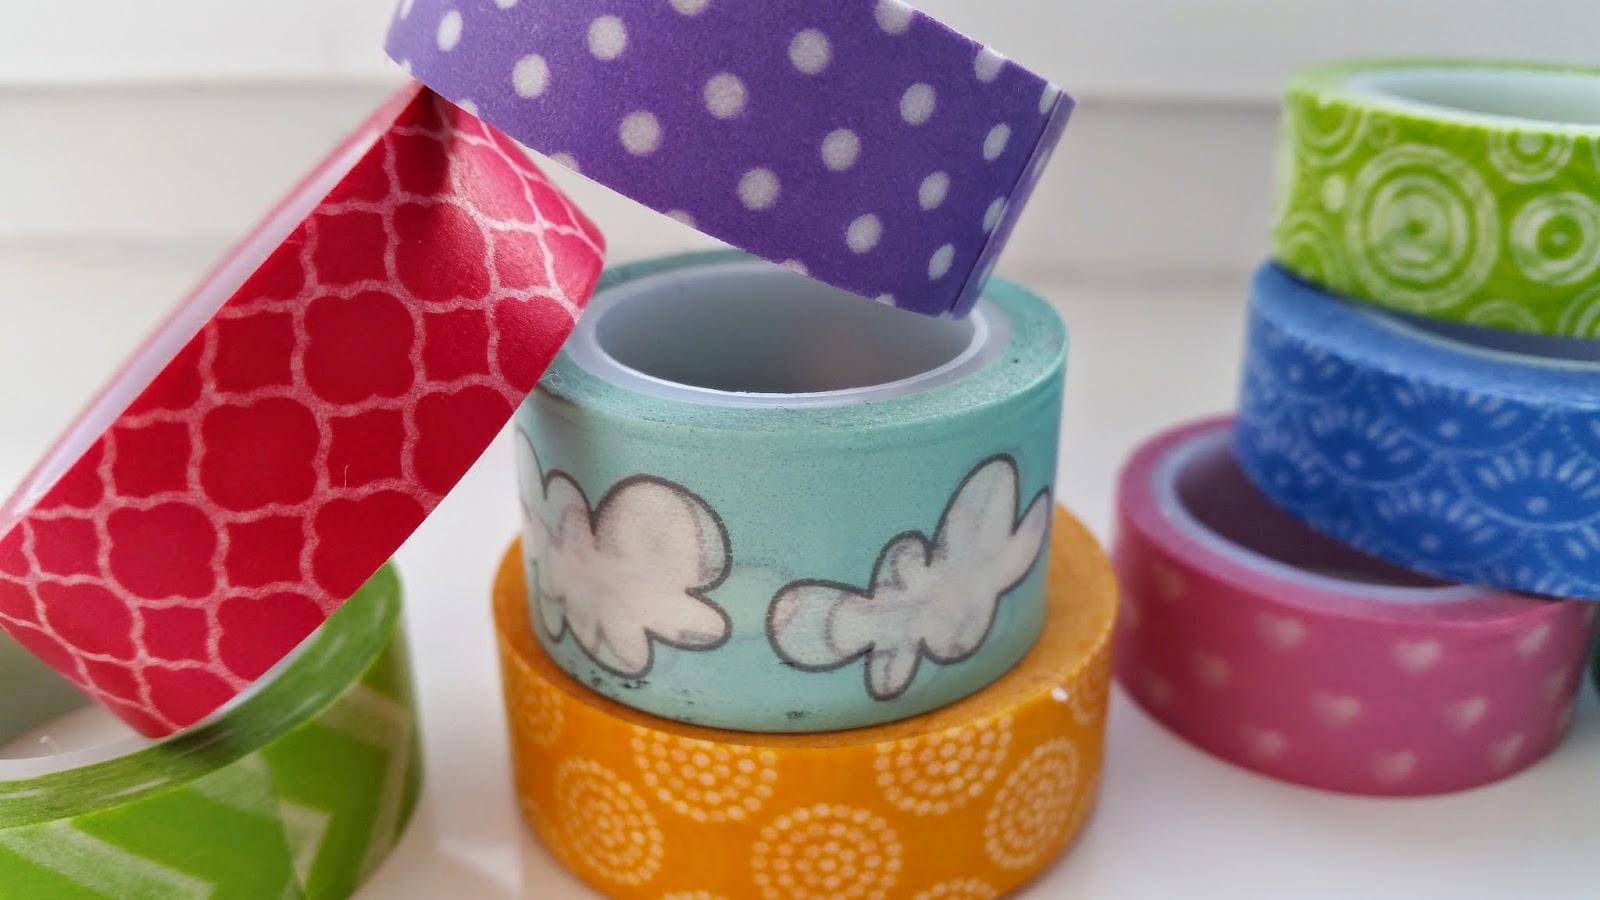 dekoracyjna taśma washi, washi tape